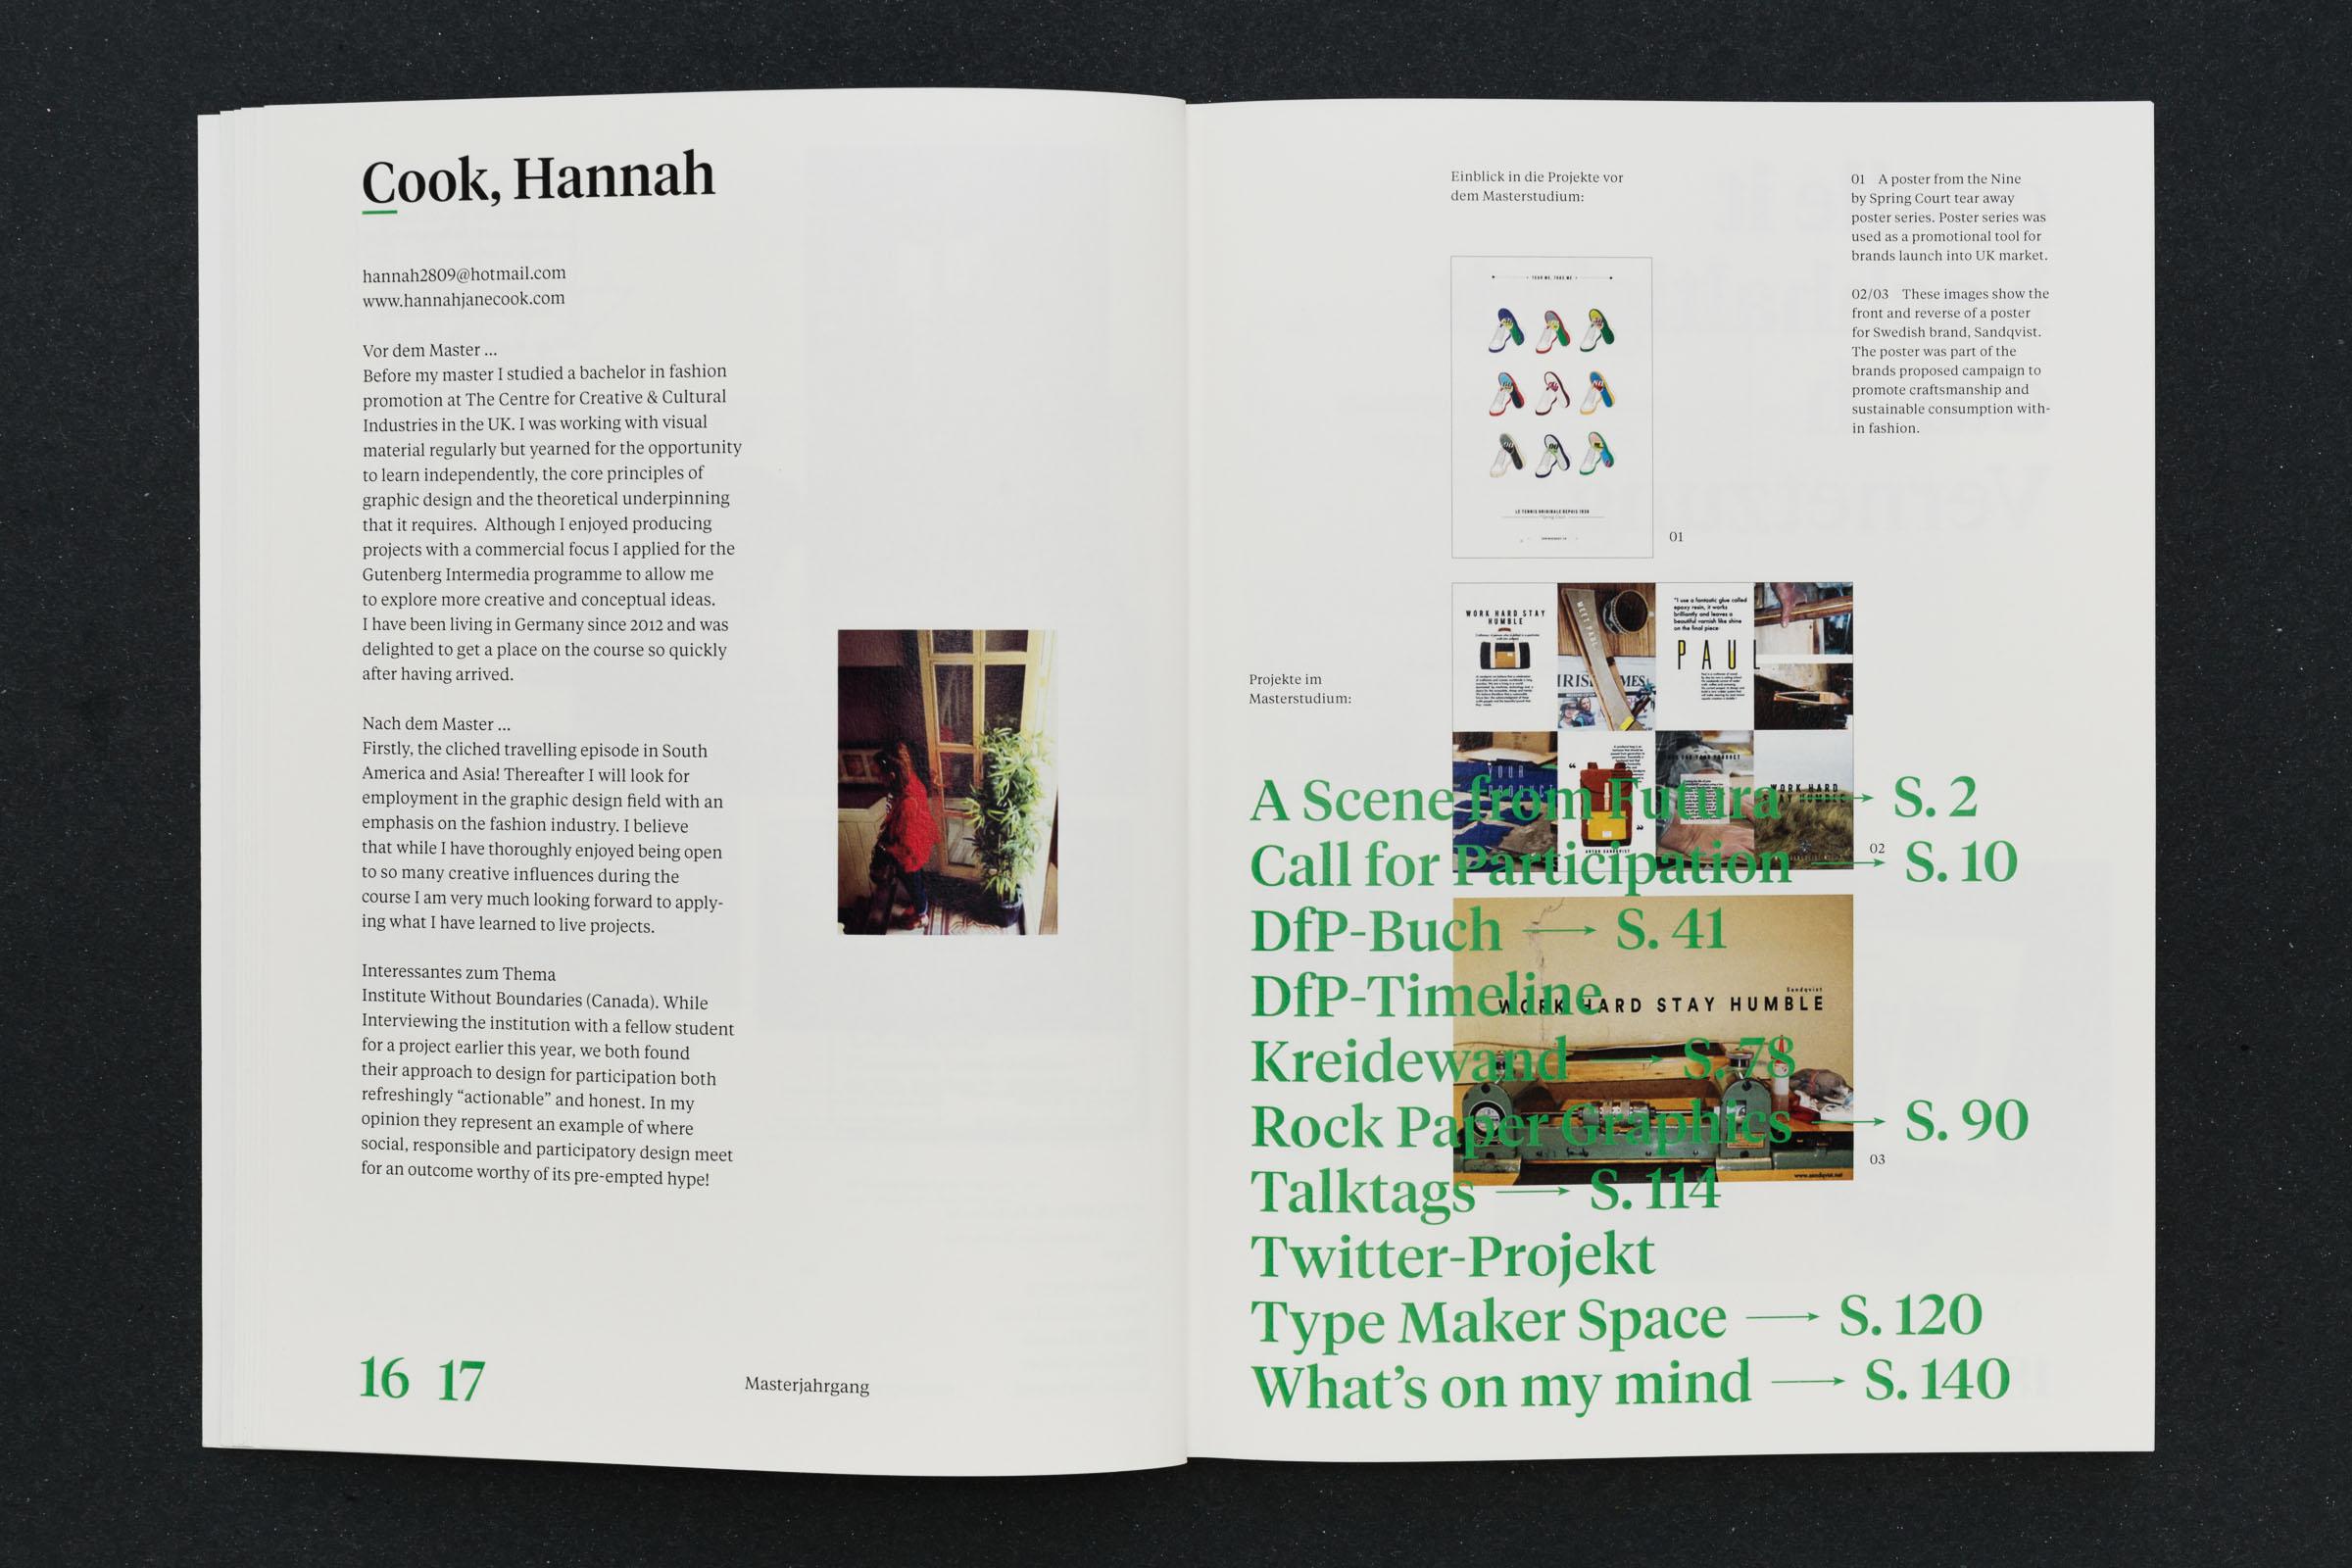 Vorstellung Masterstudent mit Vita und Projekten Verweise in großer Typografie © Christian Weber – Büro für Gestaltung und Kommunikation